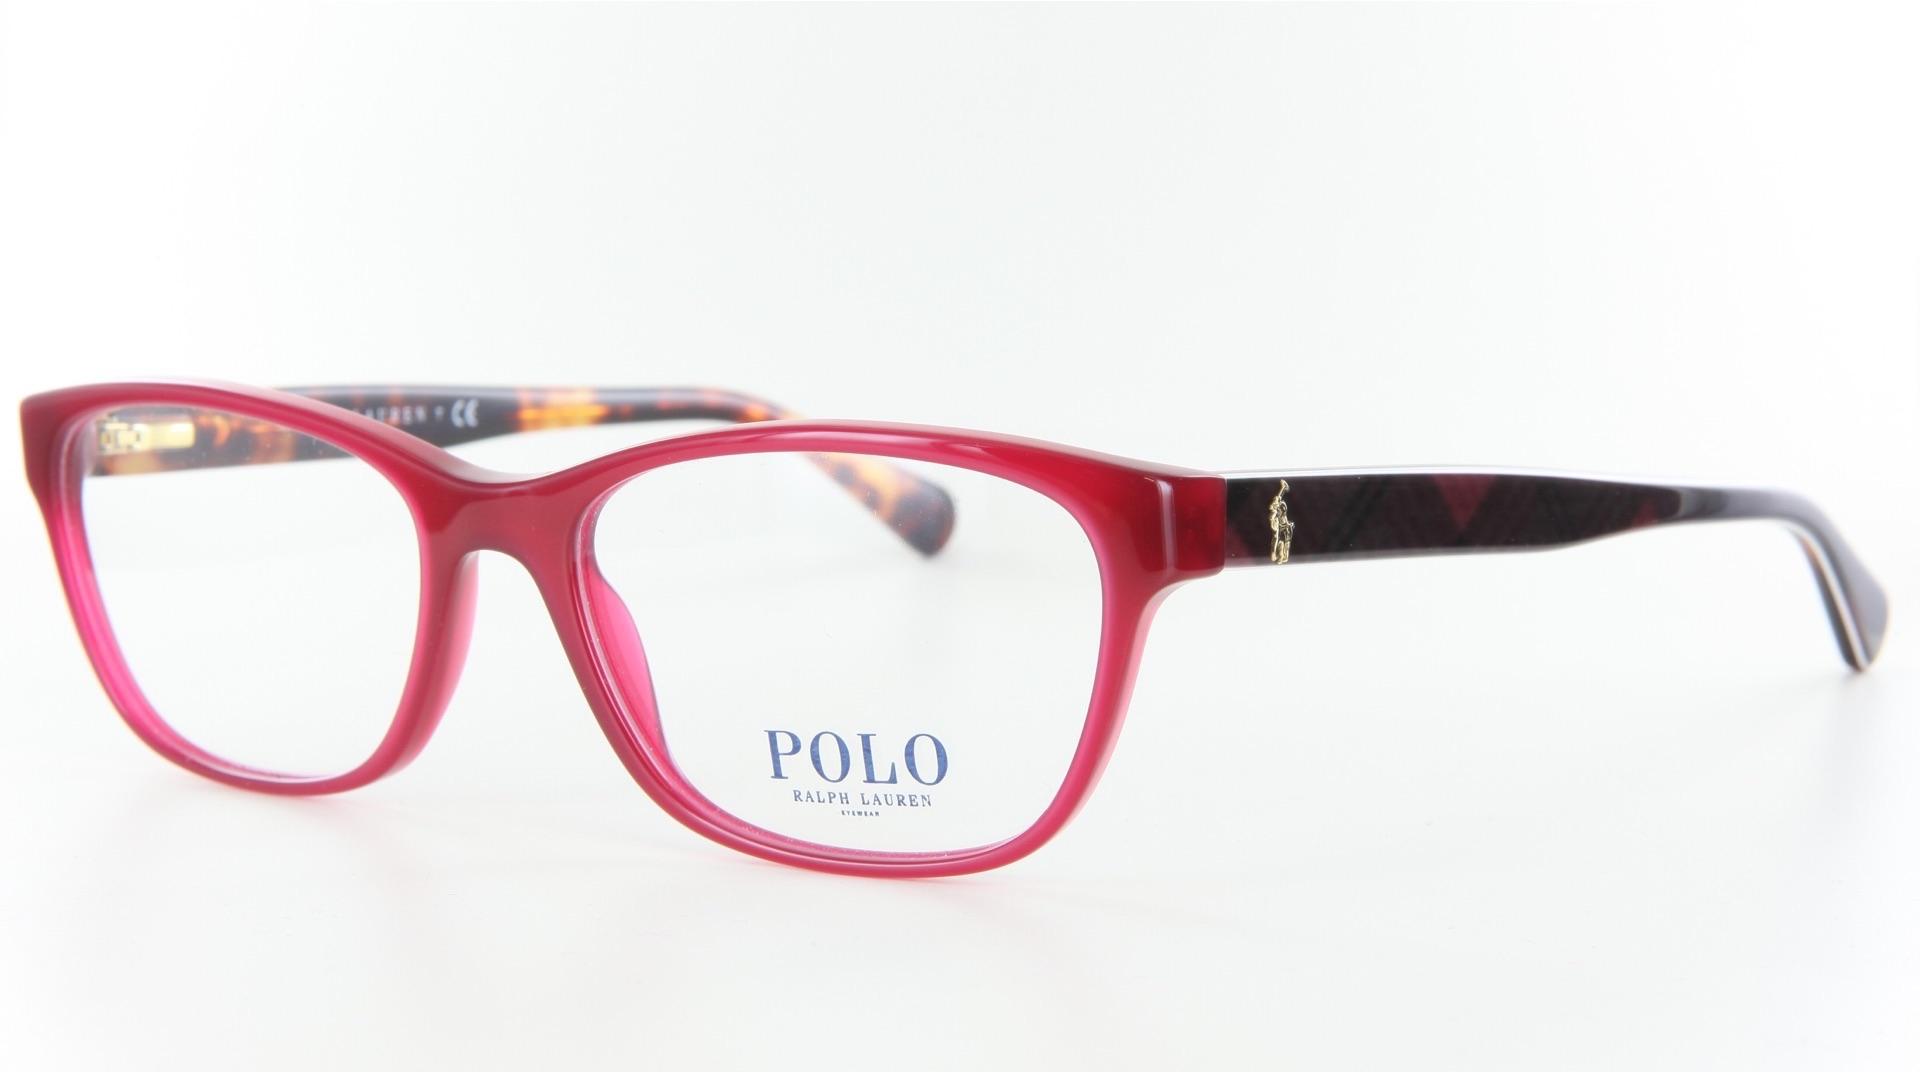 Polo Ralph Lauren - ref: 71960